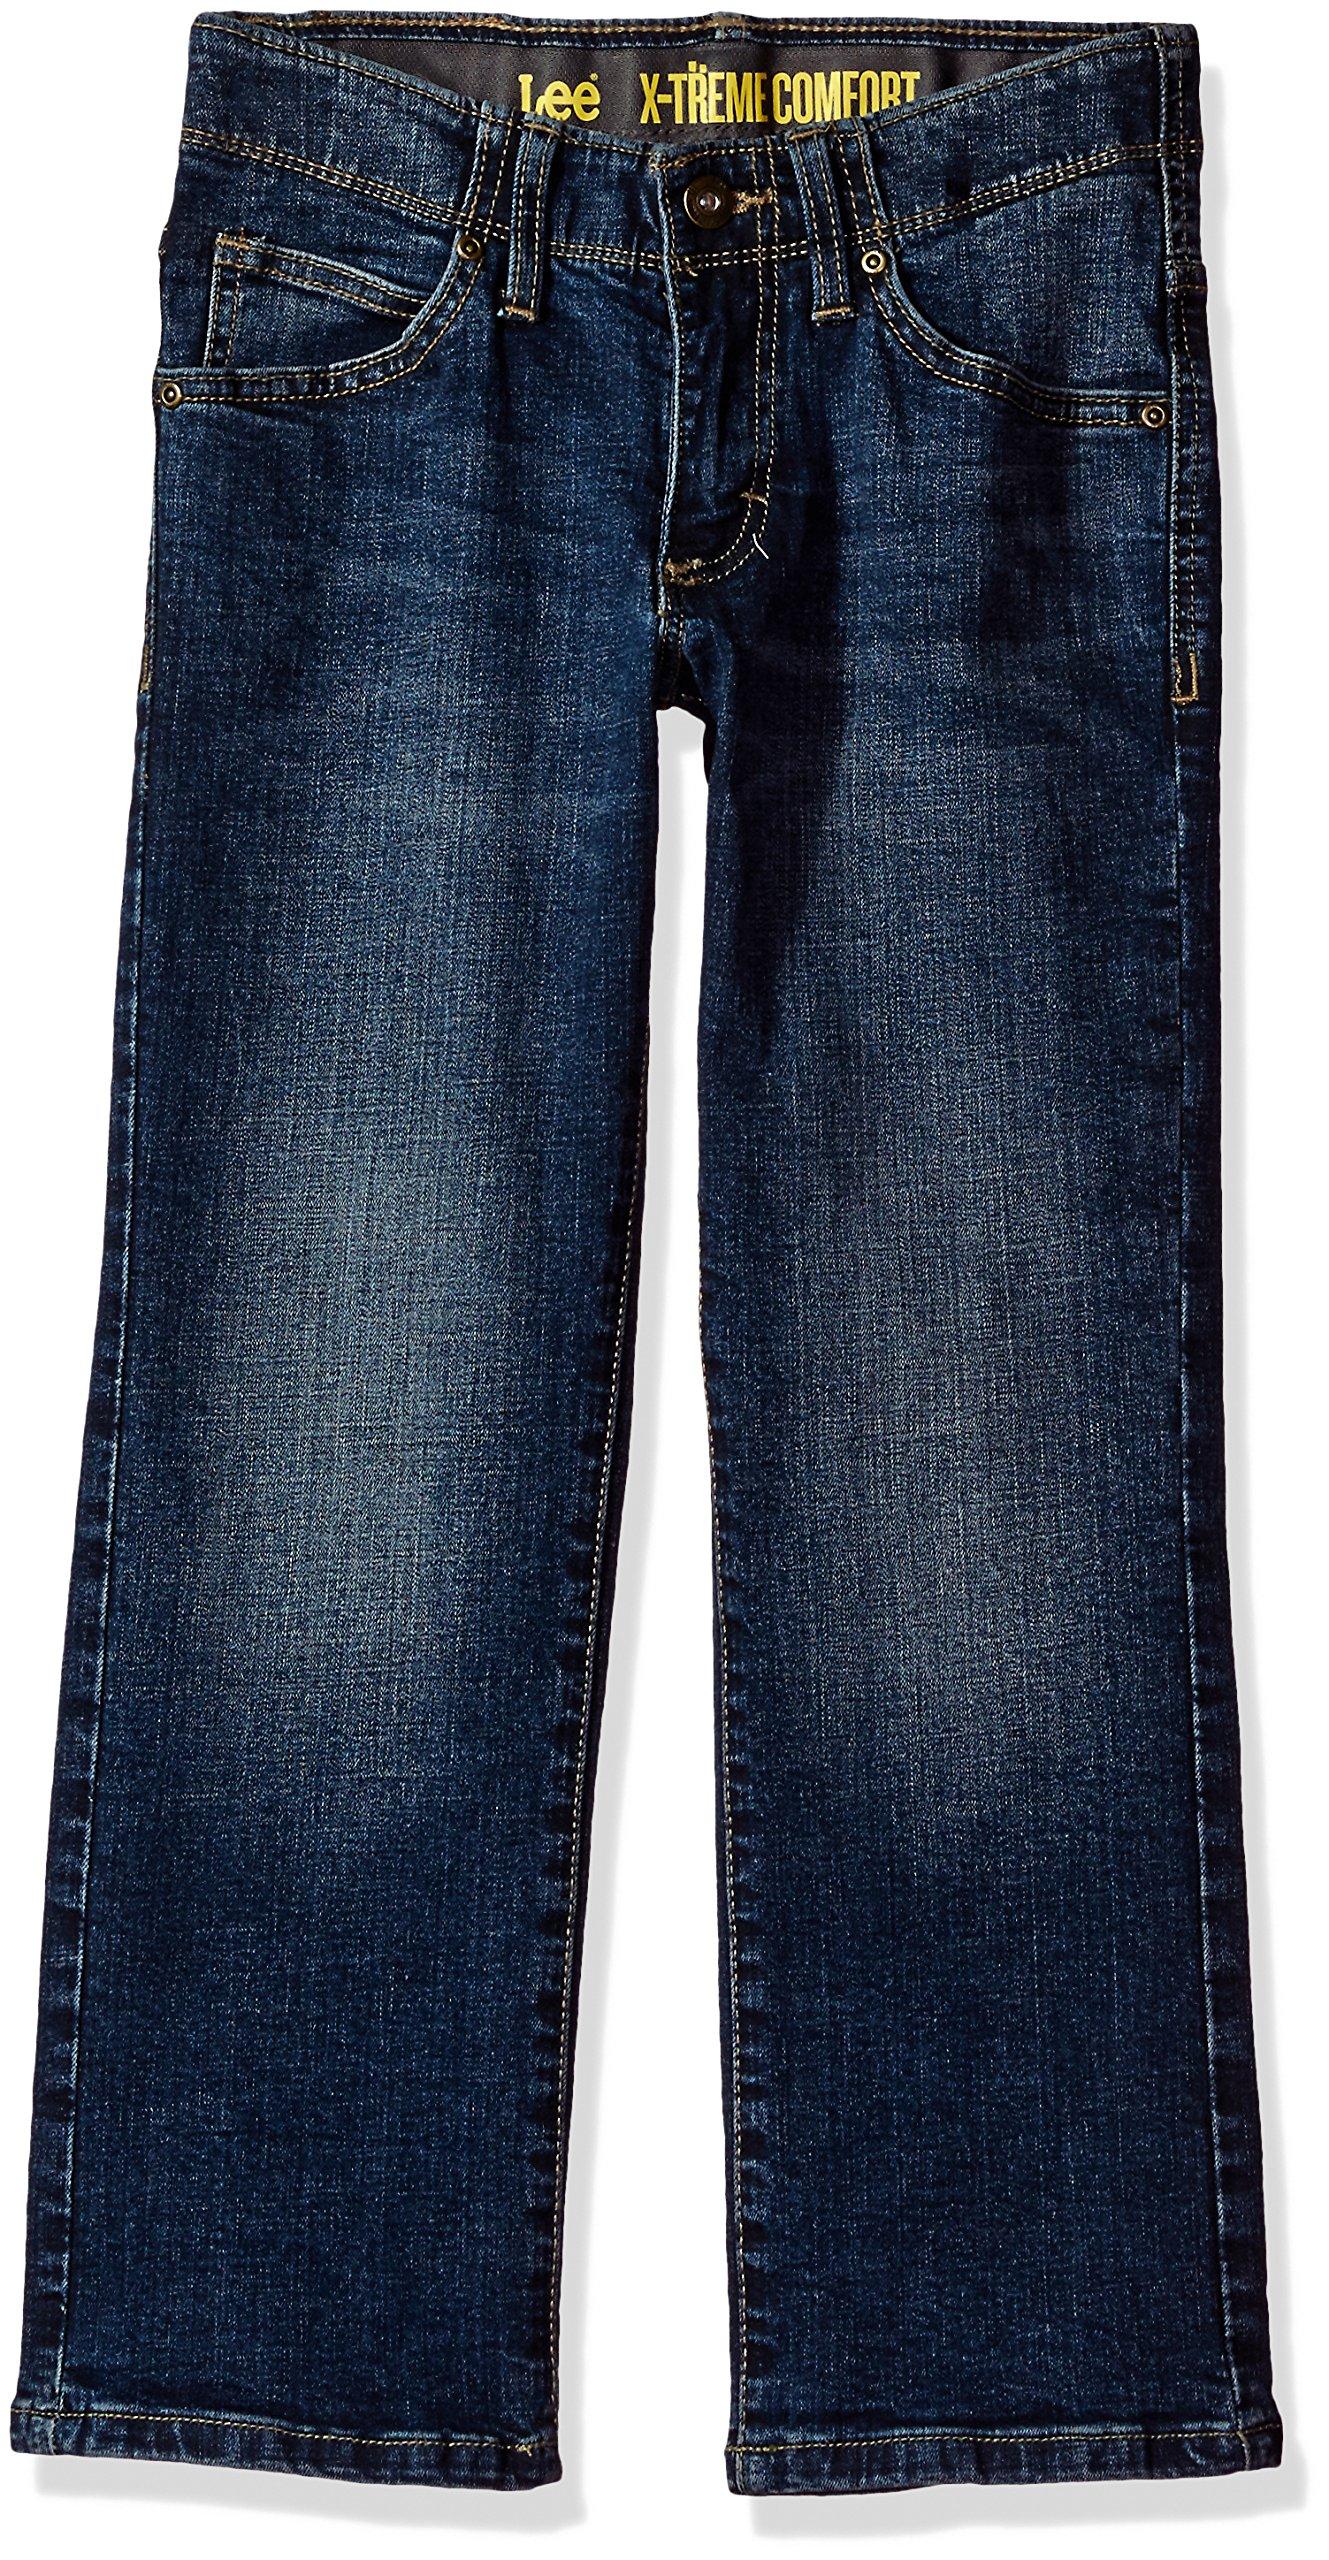 LEE Boys' Sport X-Treme Comfort Slim Jean, Kreed, 14 Husky